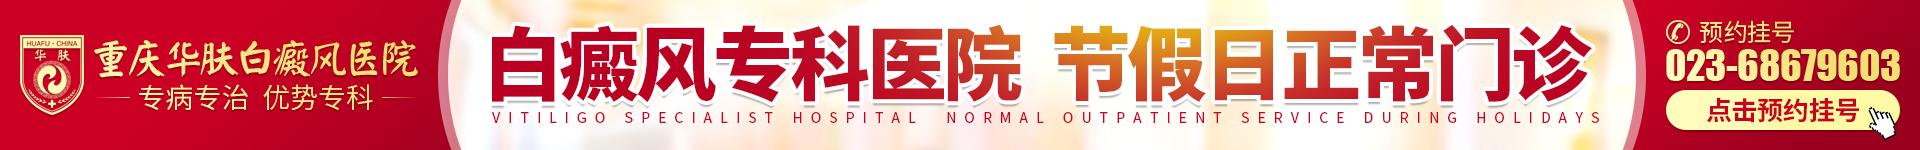 重庆华肤白癜风医院预约咨询